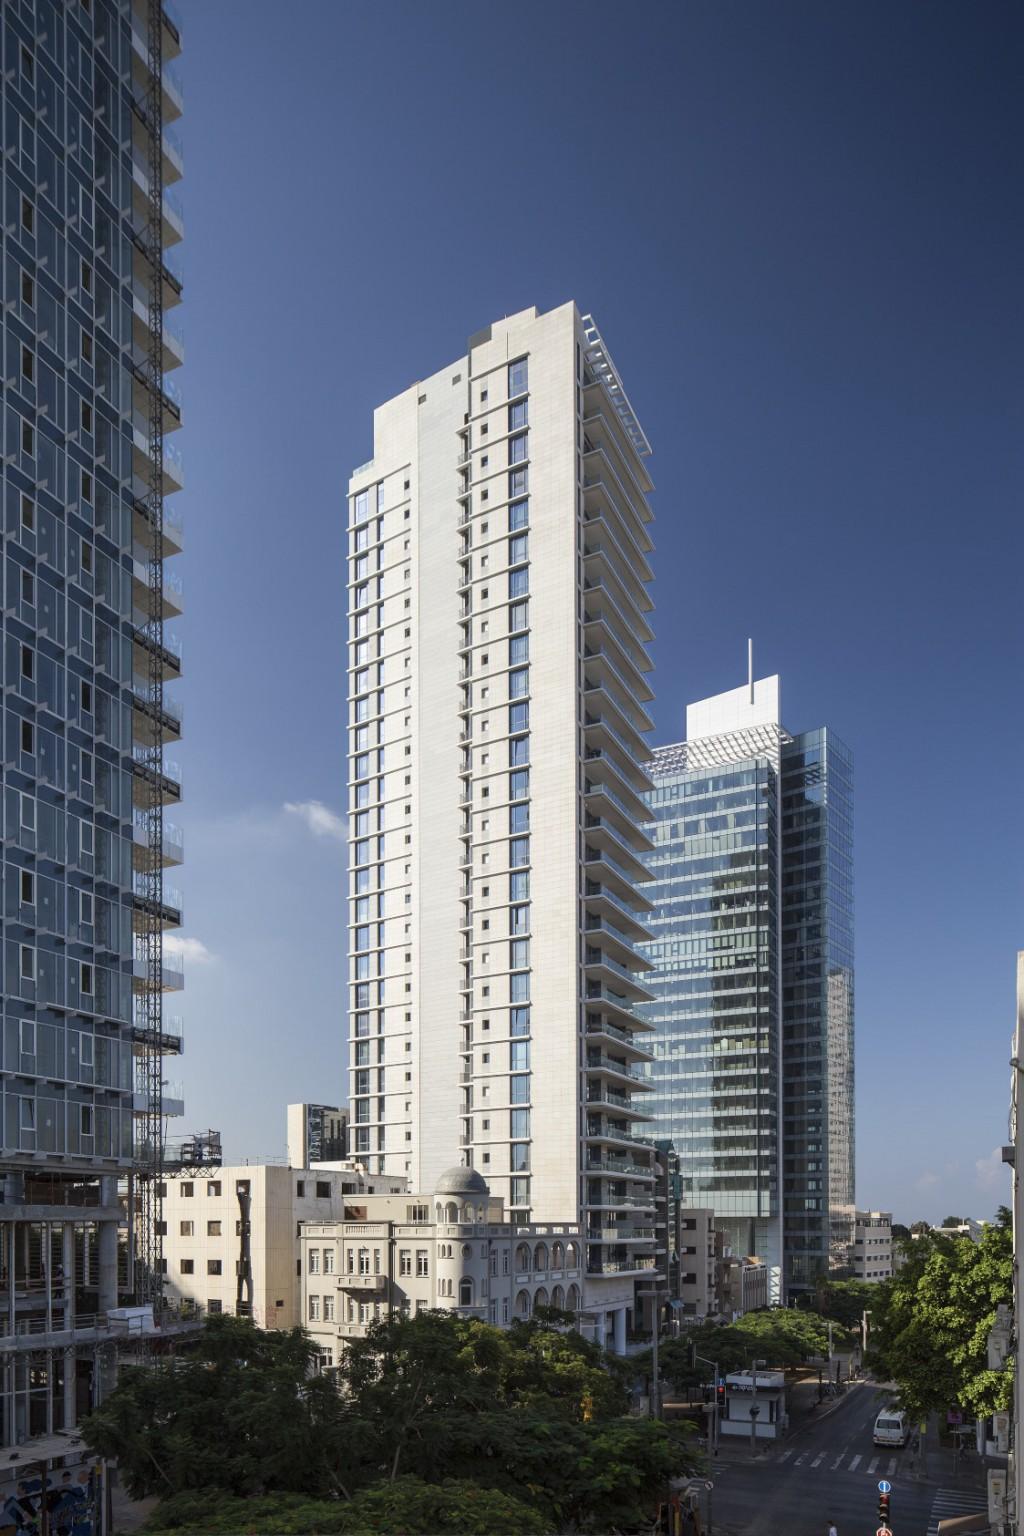 מגדל מגורים בשדרות רוטשילד 30, תל אביב. צילום: עמית גרון